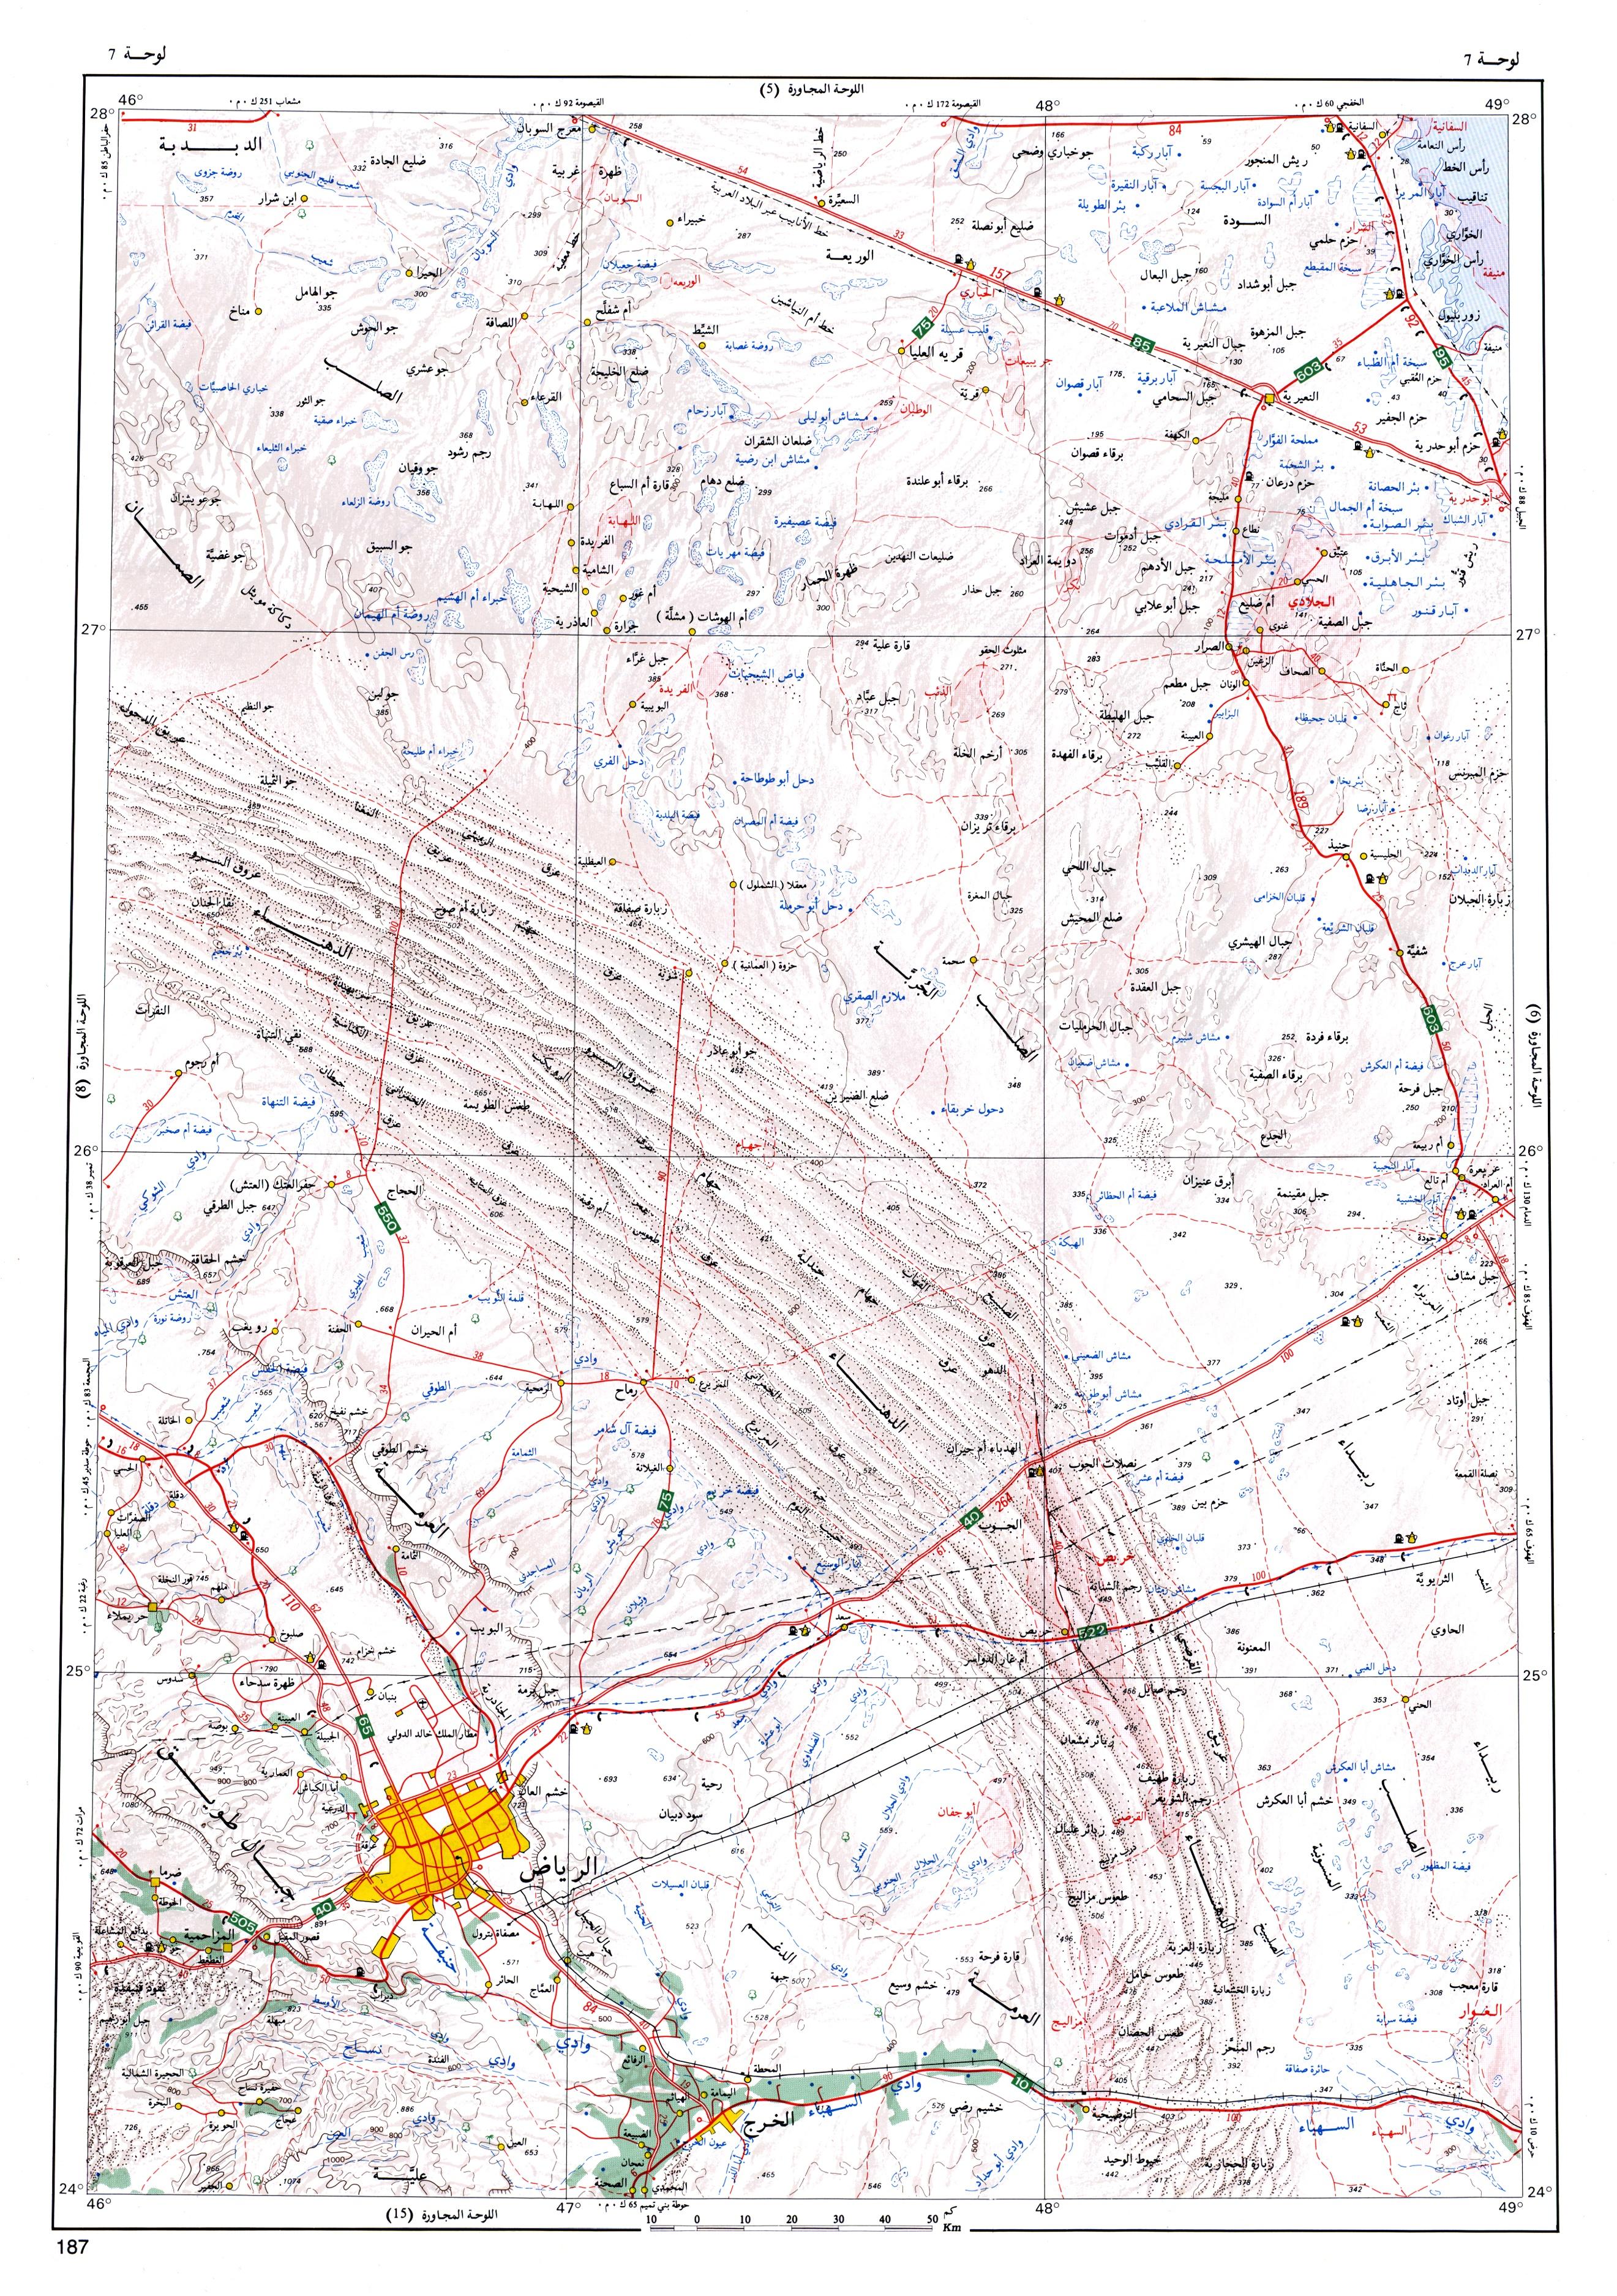 خرائط تفصيليه لمناطق اللمملكة العربية Fig-07.jpg